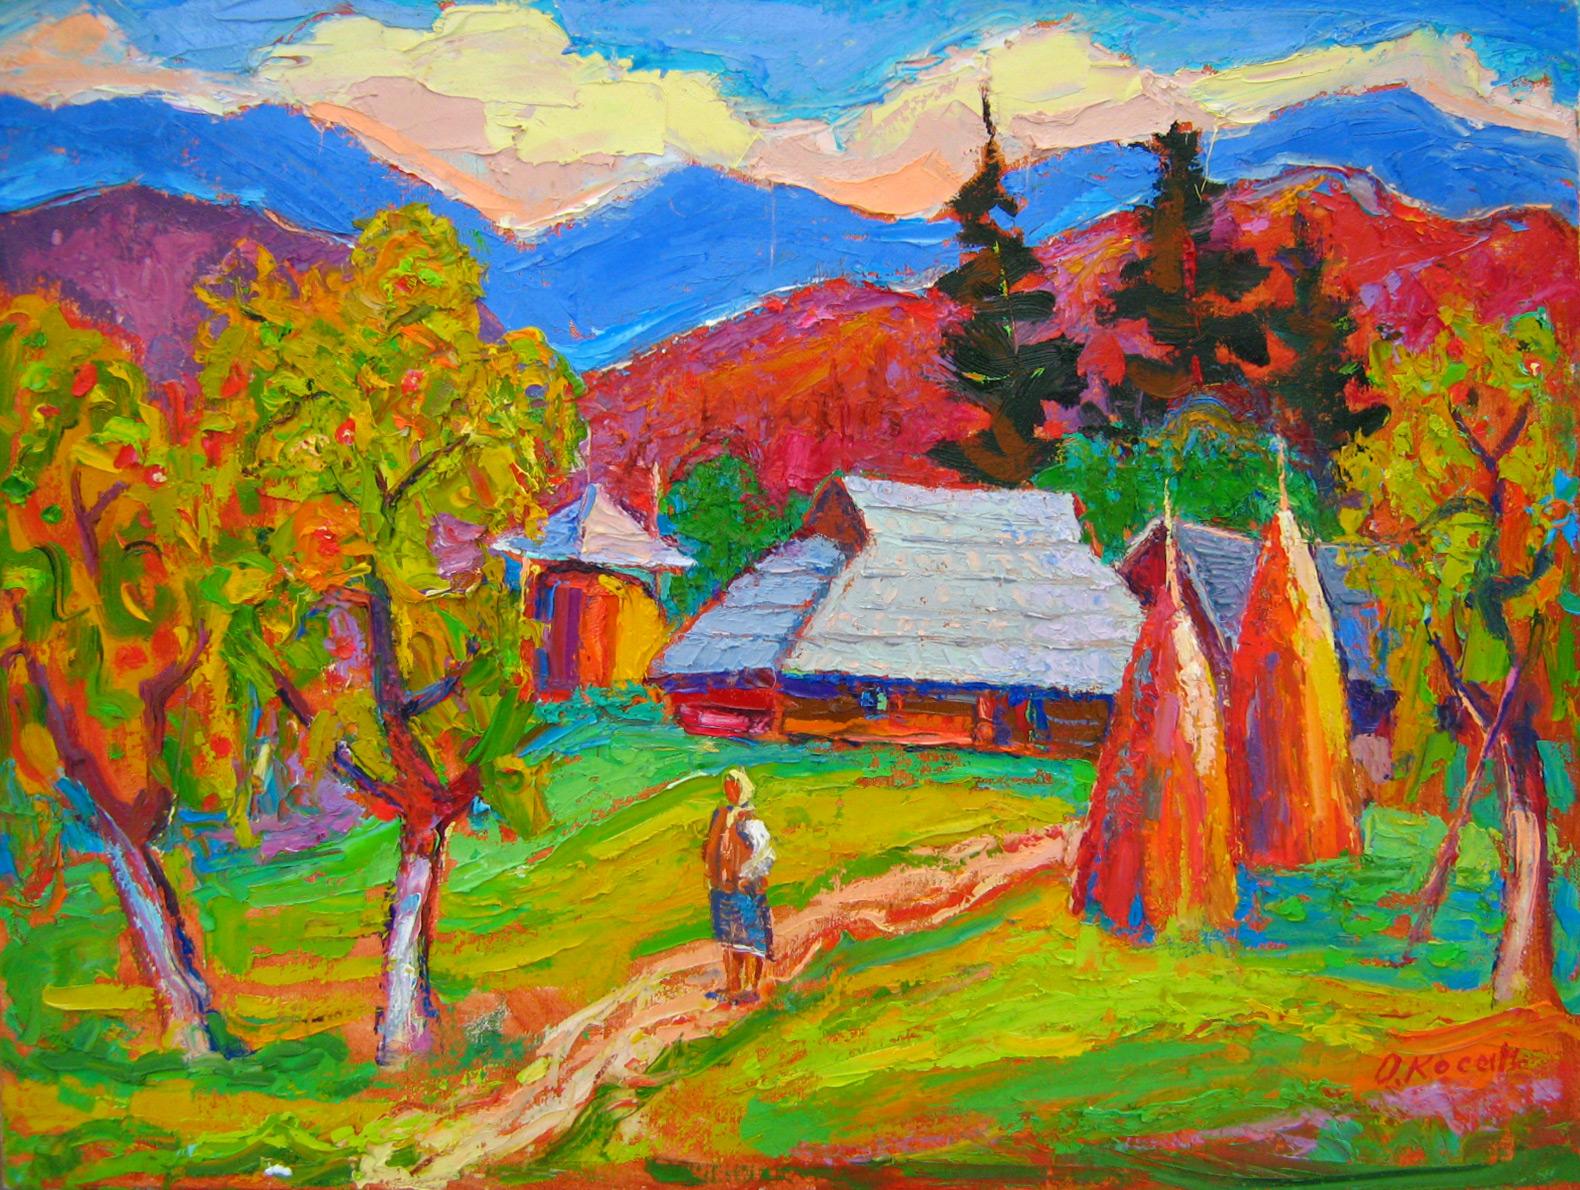 1310917225_img_1133_www.nevsepic.com.ua